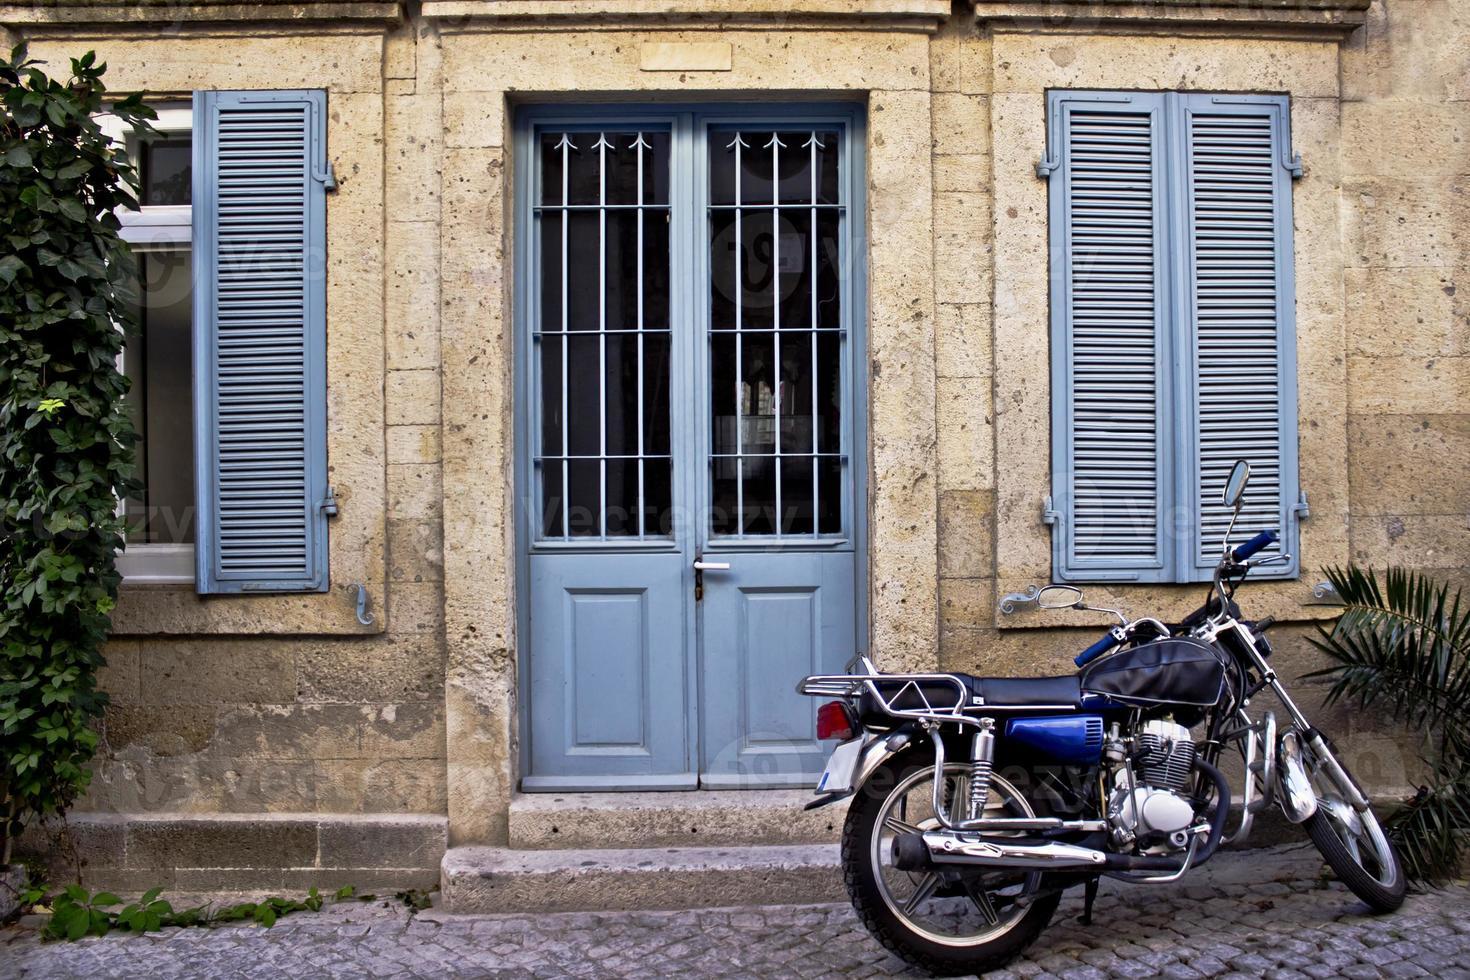 maison en pierre devant une moto photo